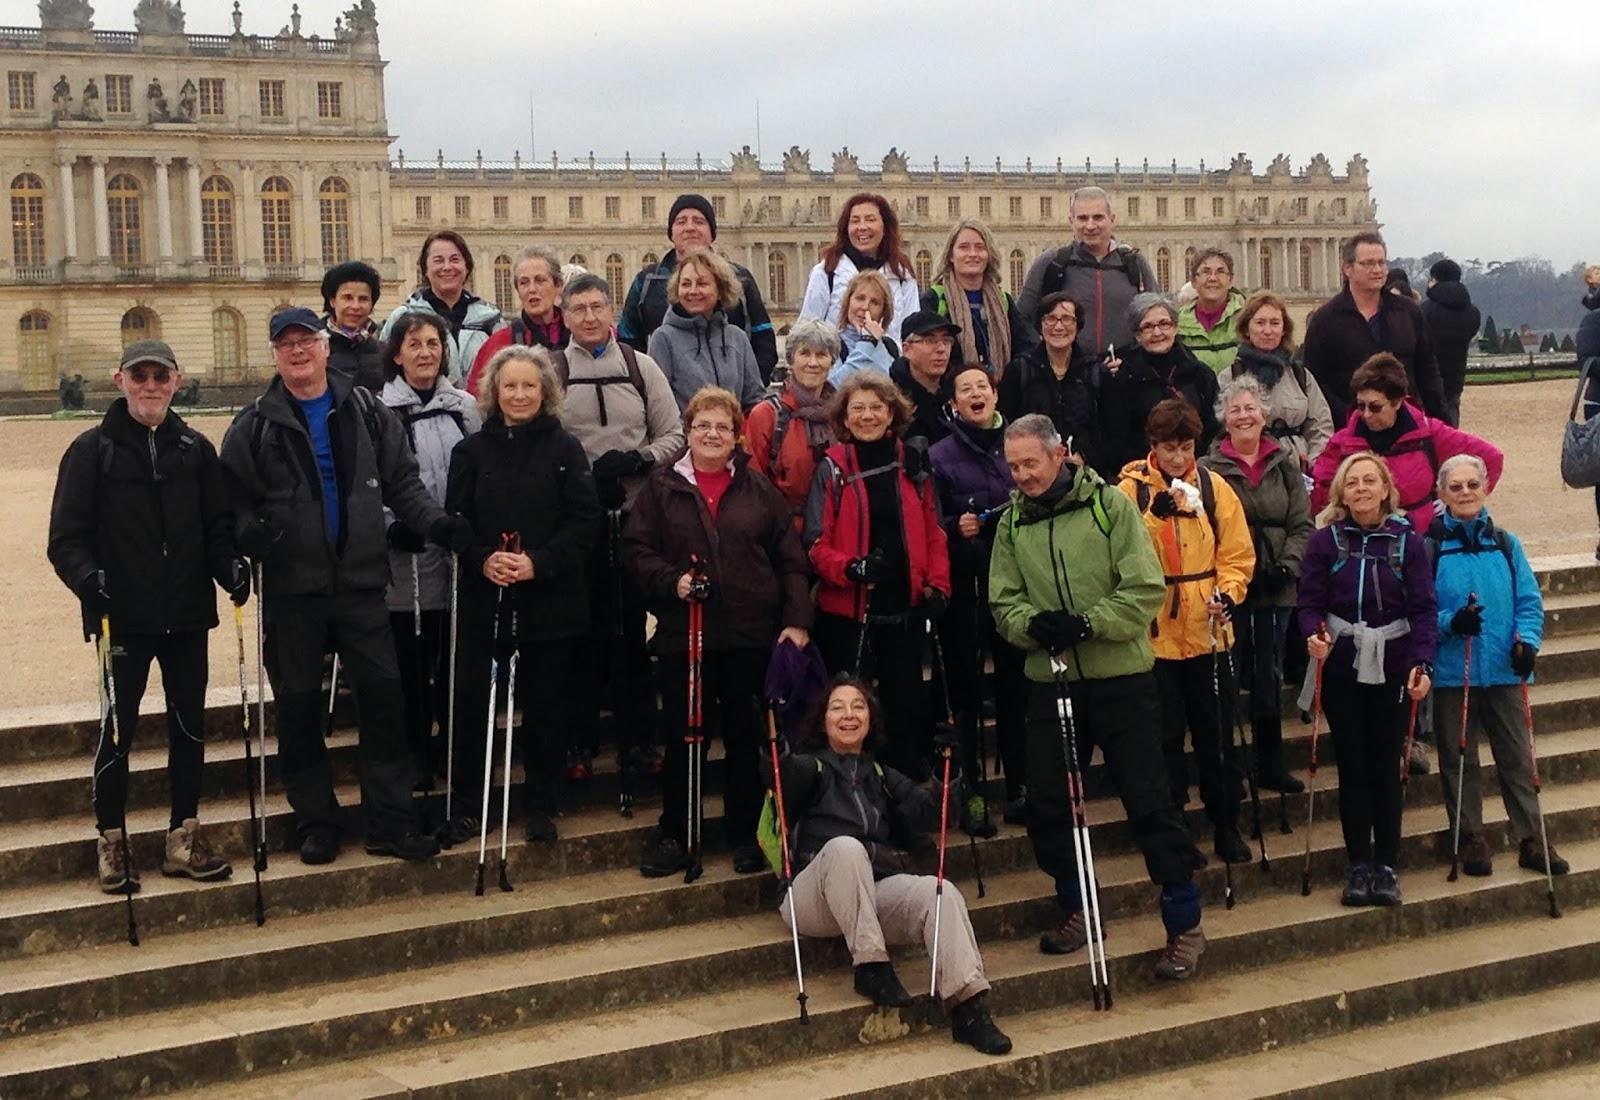 Marche Nordique à Versailles